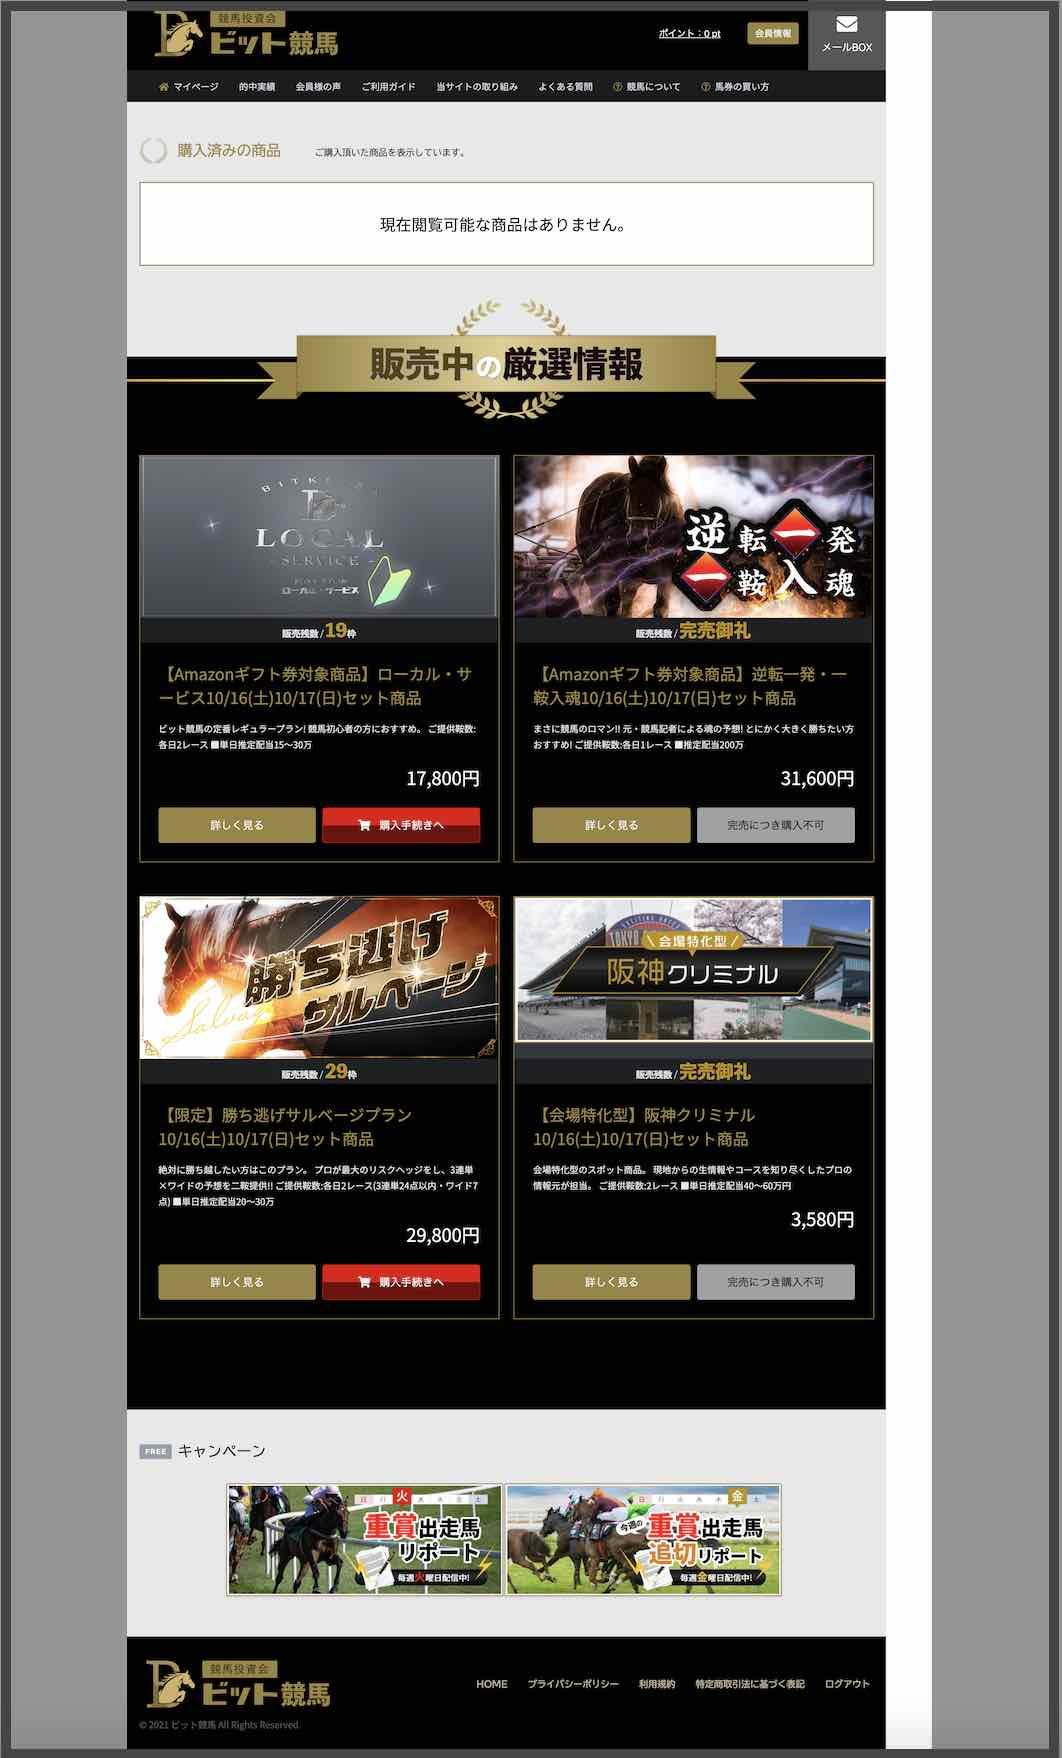 ビット競馬という競馬予想サイトの会員ページ